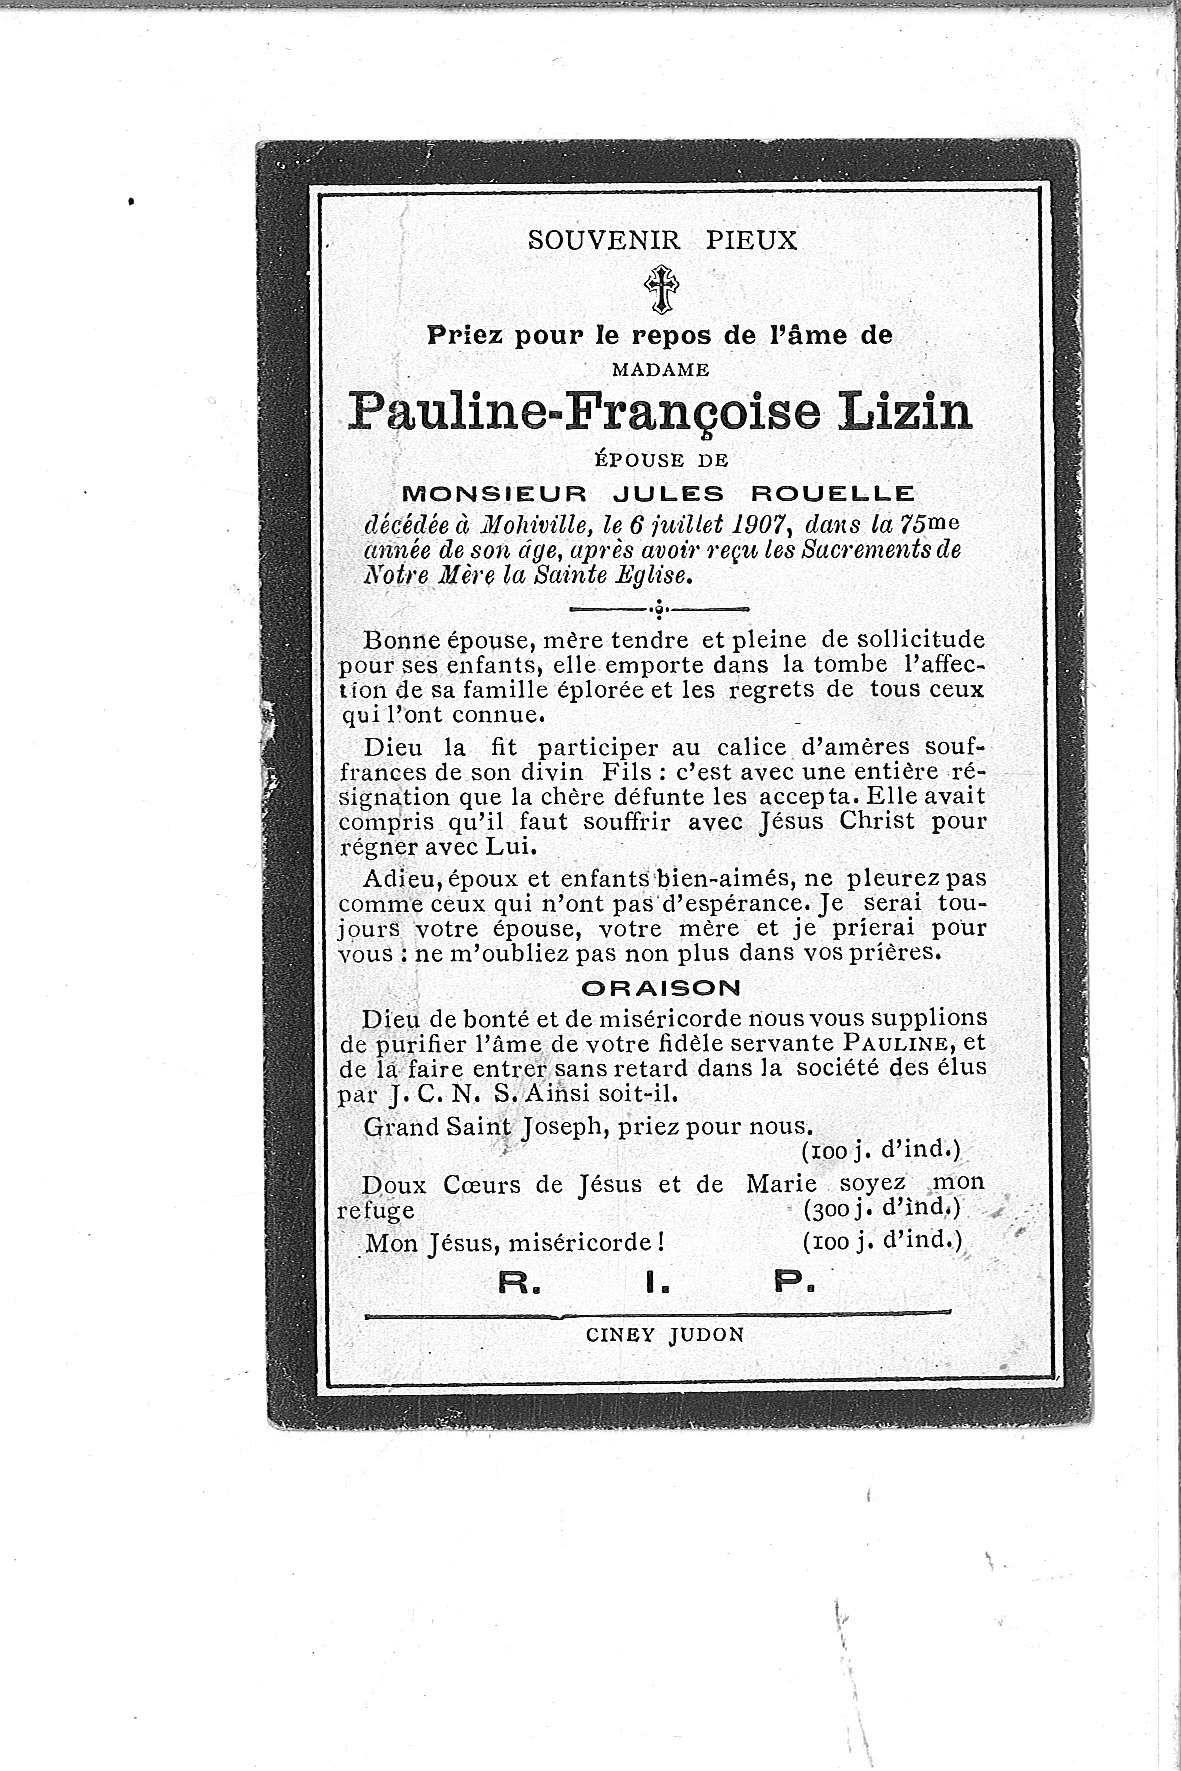 Pauline Françoise(1907)20131203145956_00033.jpg